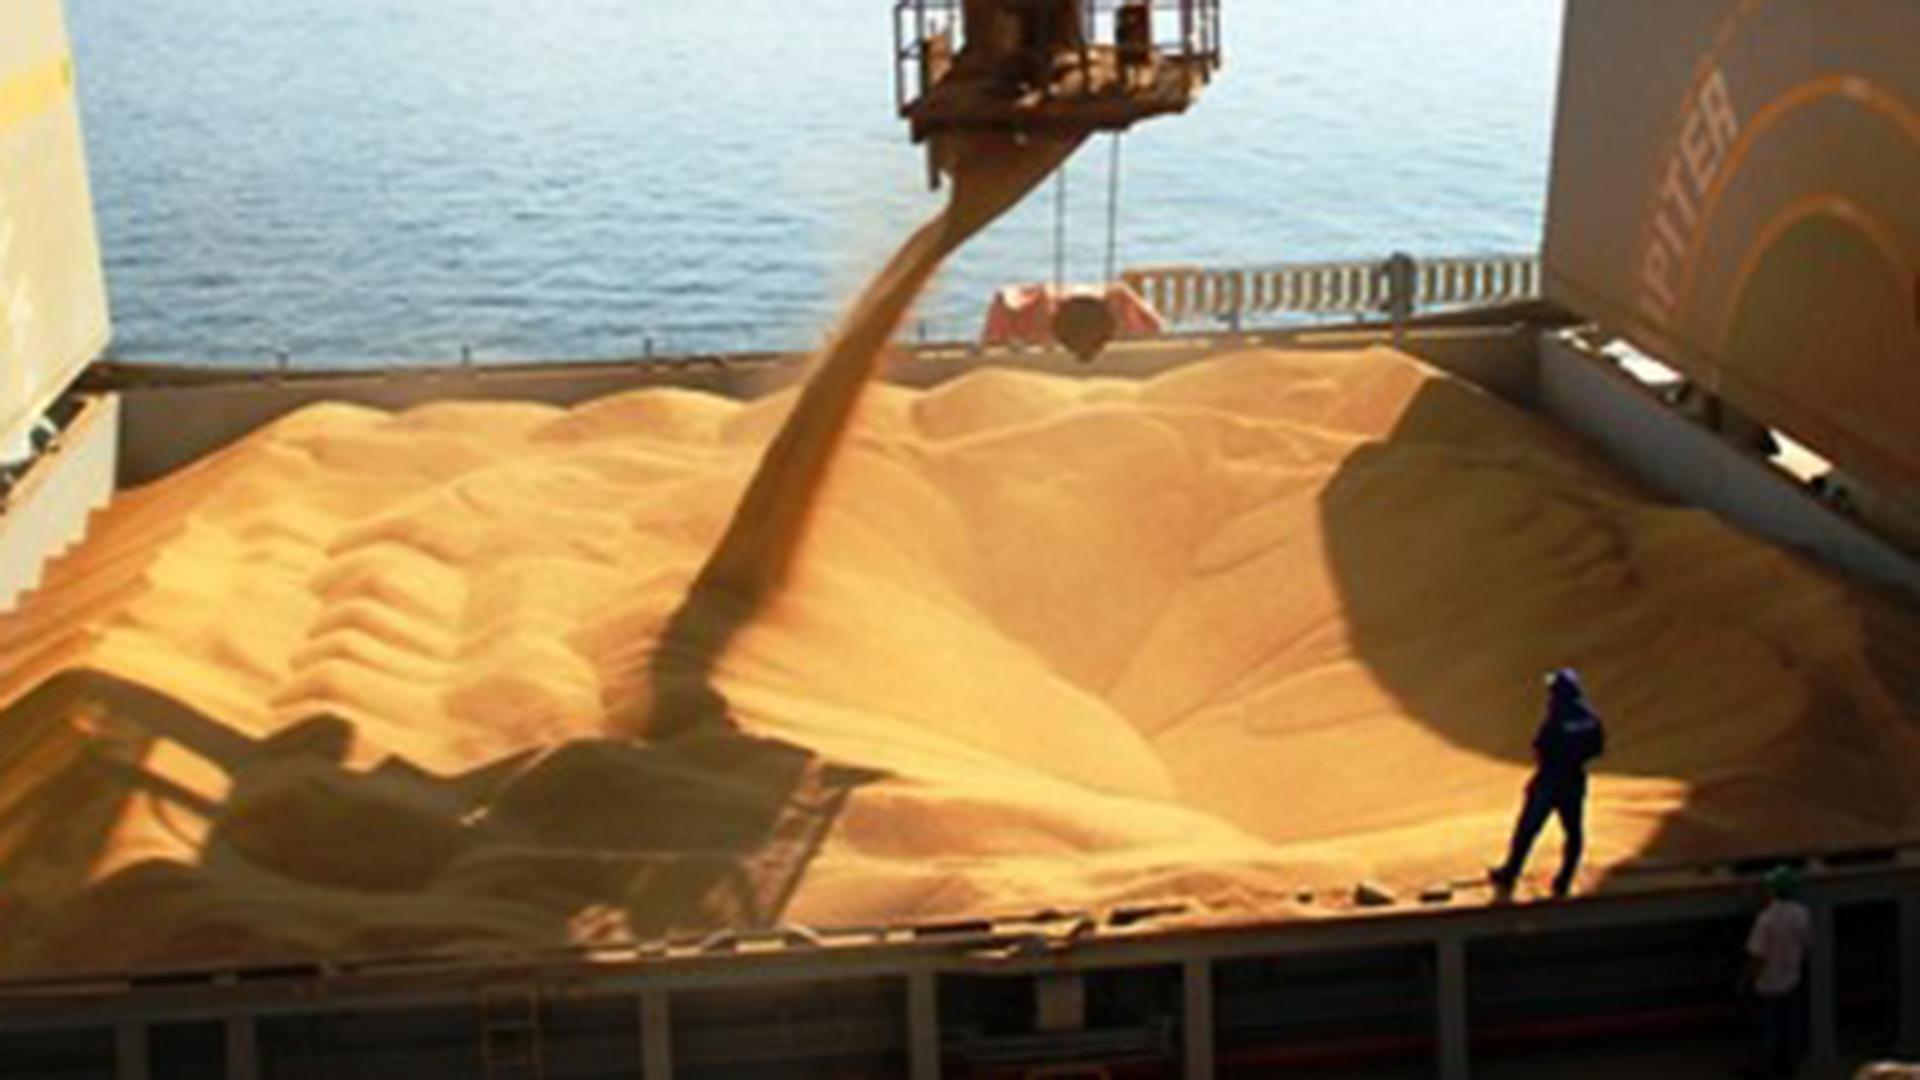 El trigo se encuentra en plena época de cosecha. Los buenos precios internacionales lo convierten en el cultivo más sólido para enfrentar los vaivenes de la economía interna